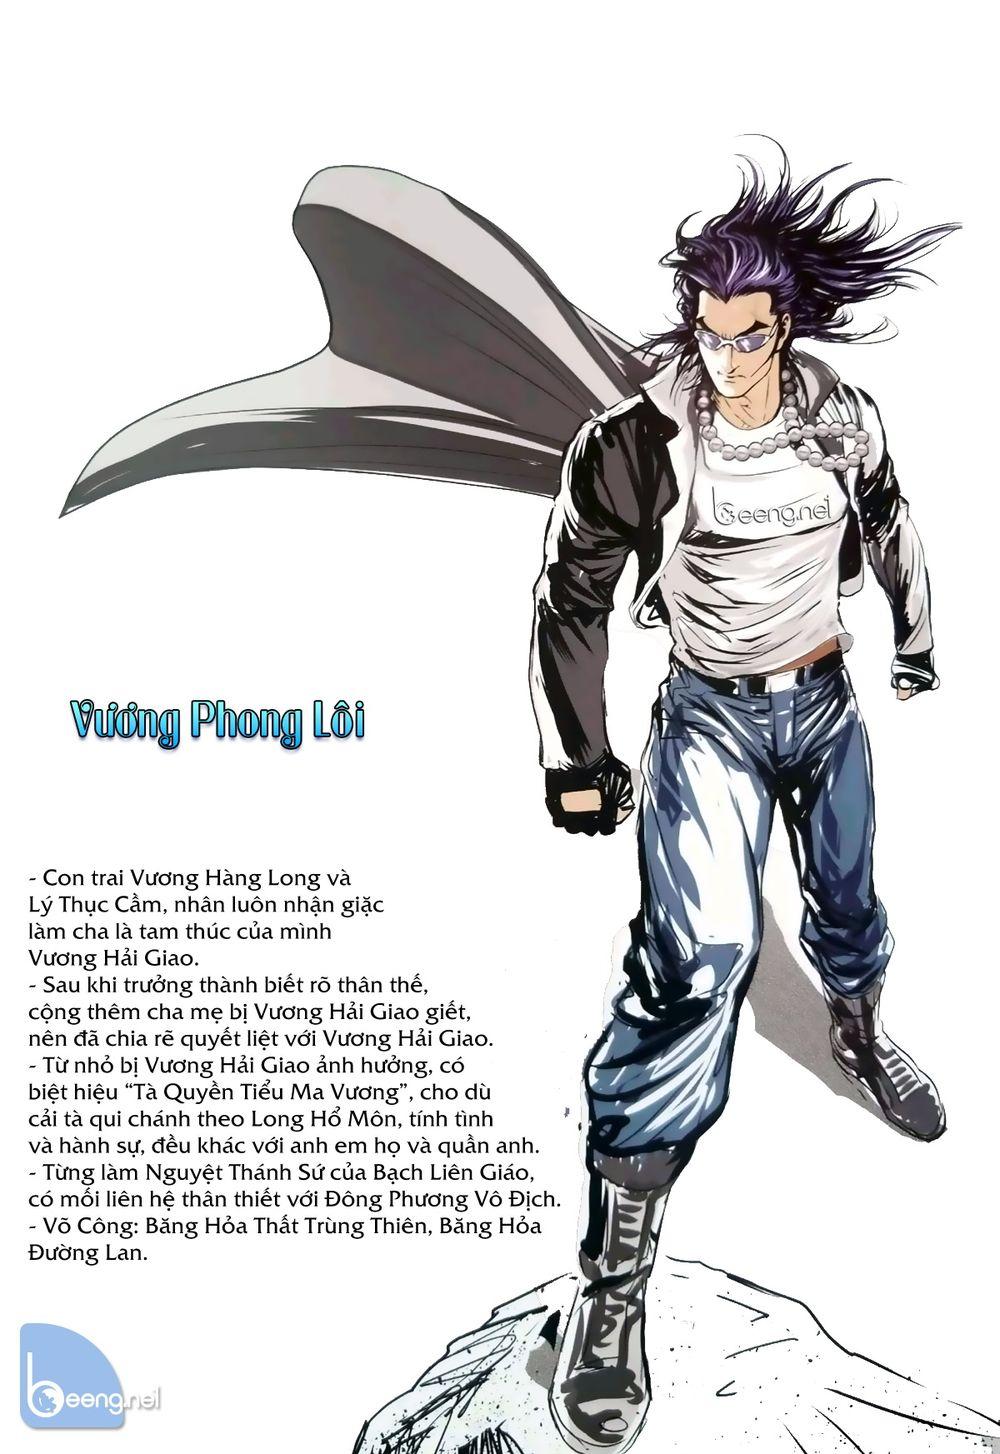 Vương Phong Lôi truyền kỳ Chap 0 . Next Chap 1